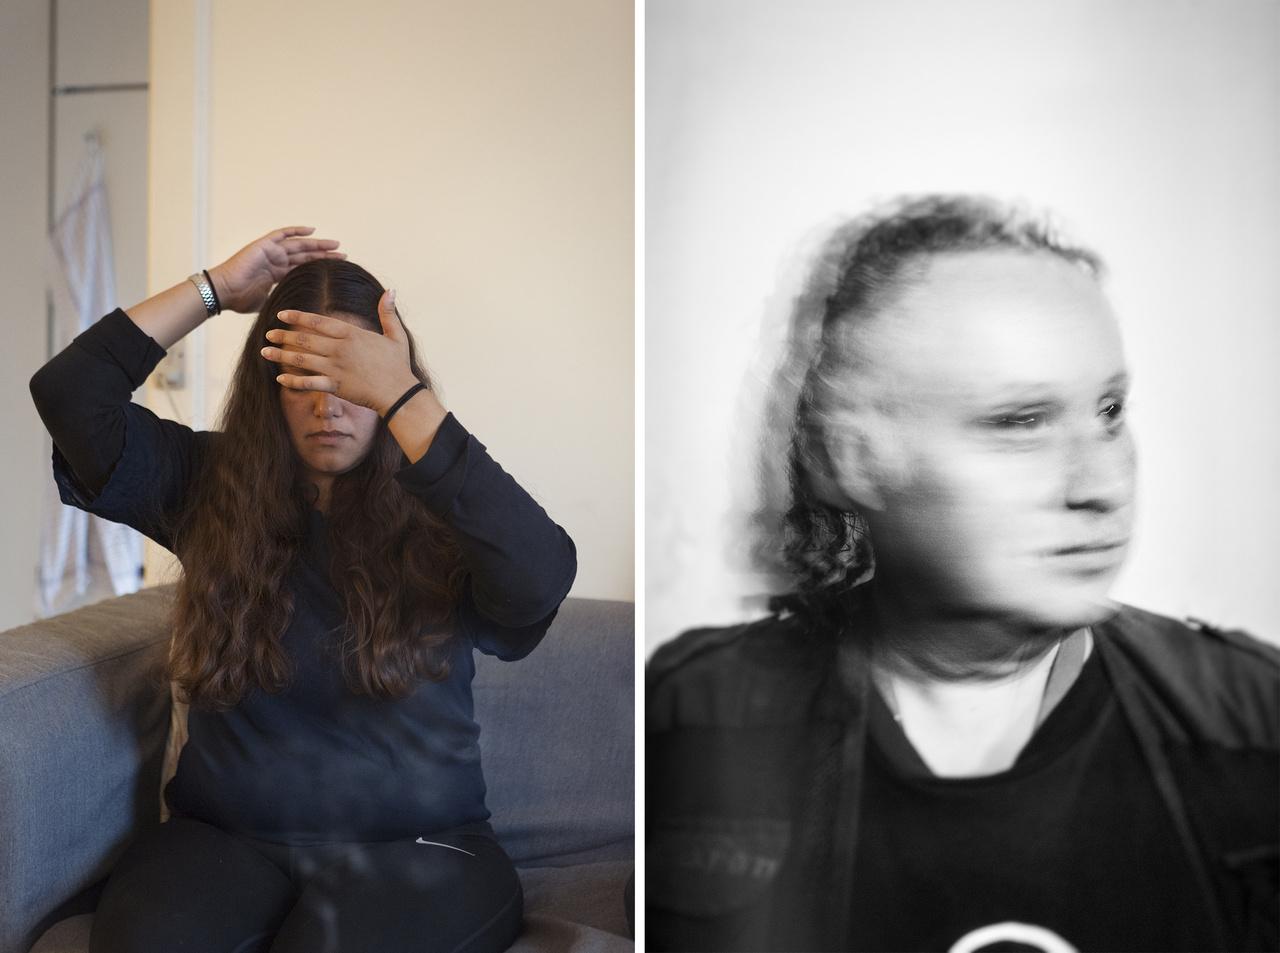 Linda Dániában él, szeánszokat szervez, ahol meditáción keresztül lépnek kapcsolatba az idegenekkel.